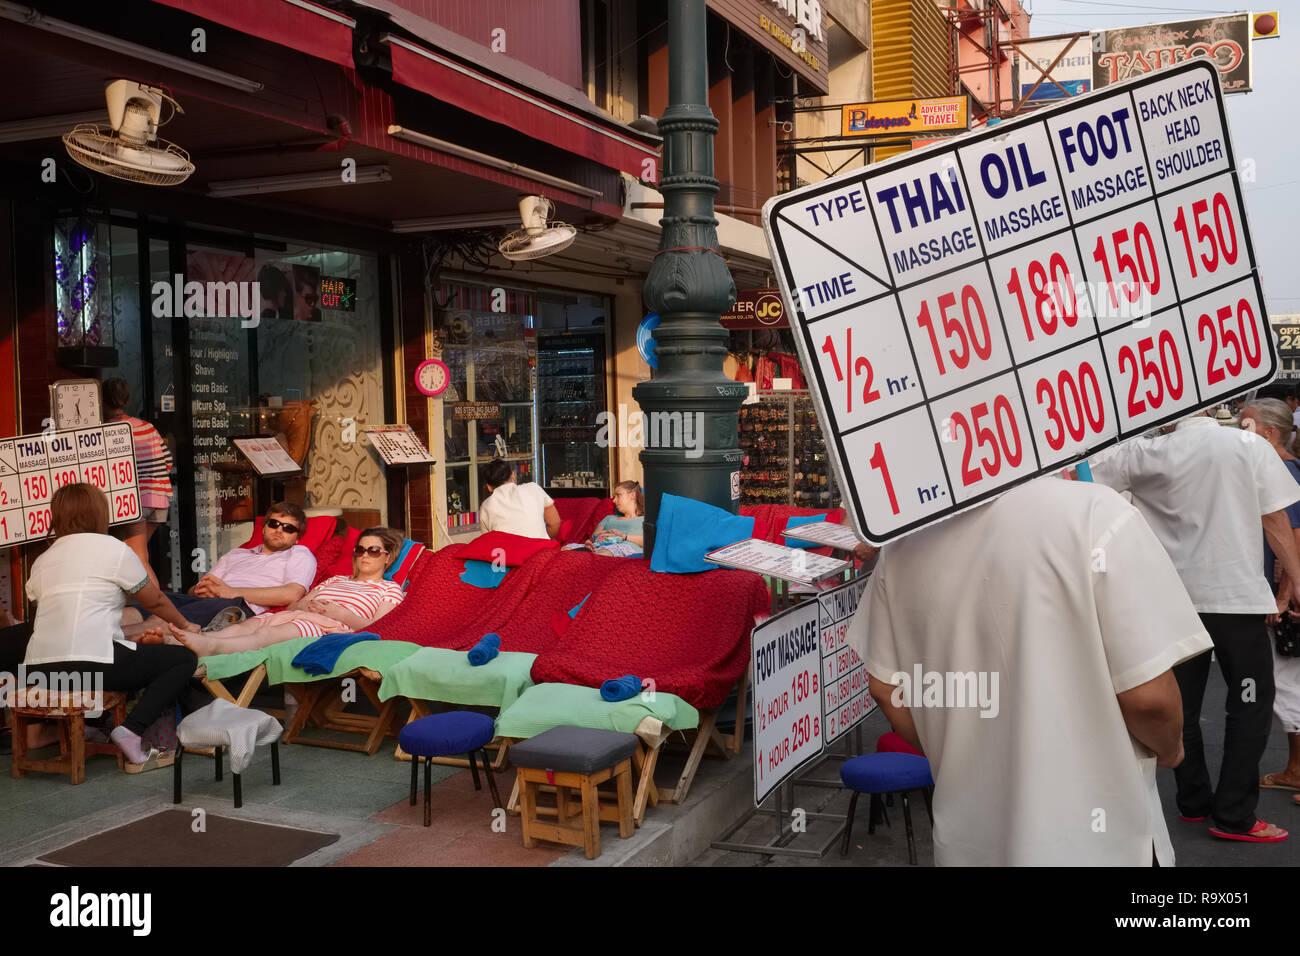 sesso massaggio in Kuta